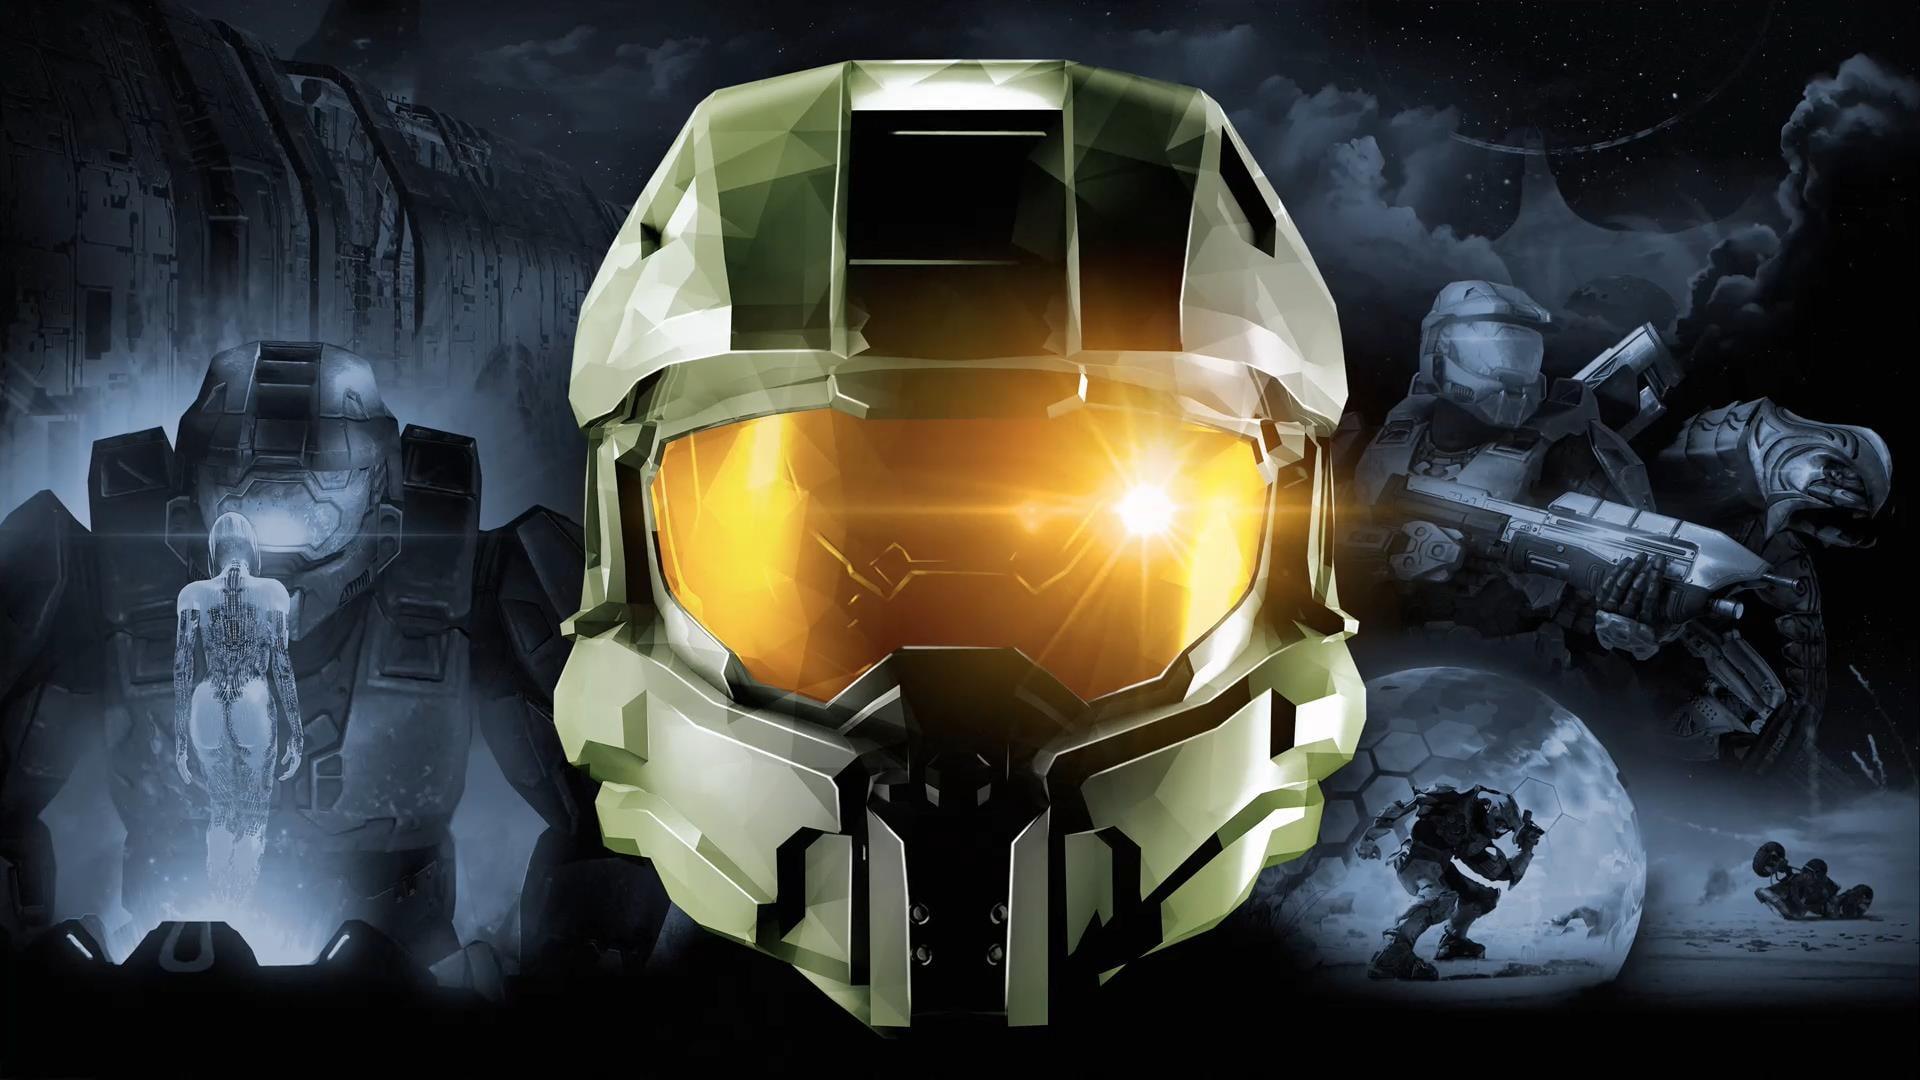 В Steam начались бесплатные выходные для серии Halo